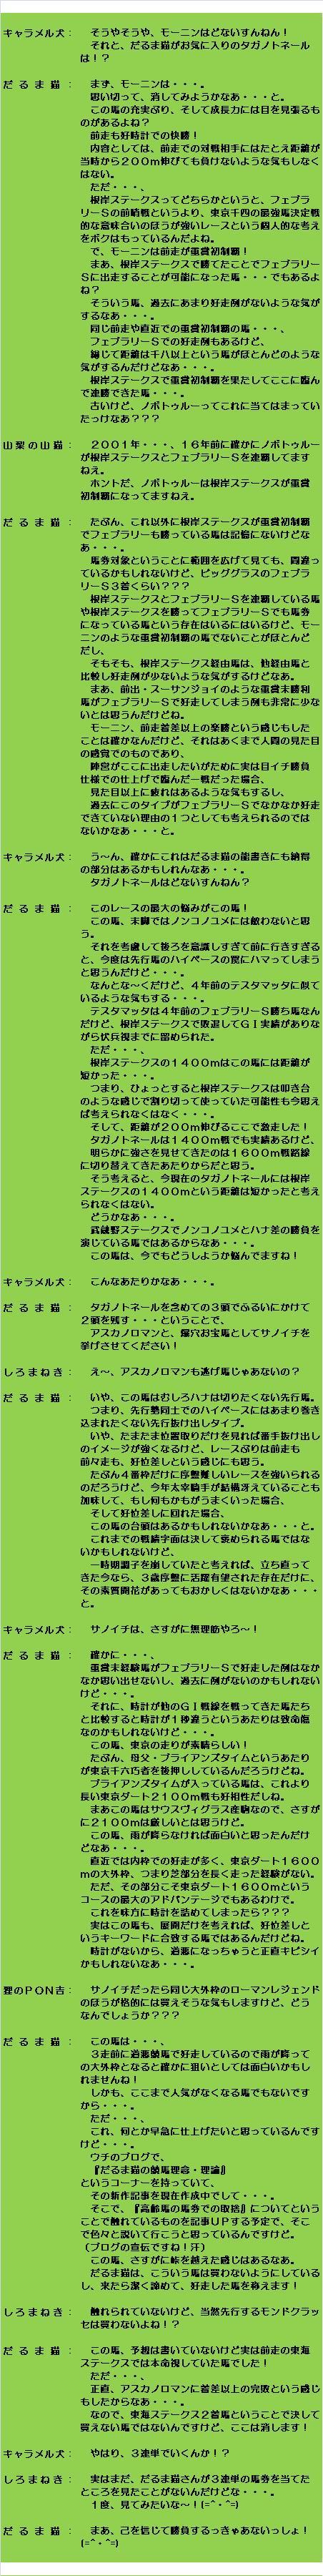 20160221・日曜競馬予想⑦.jpg